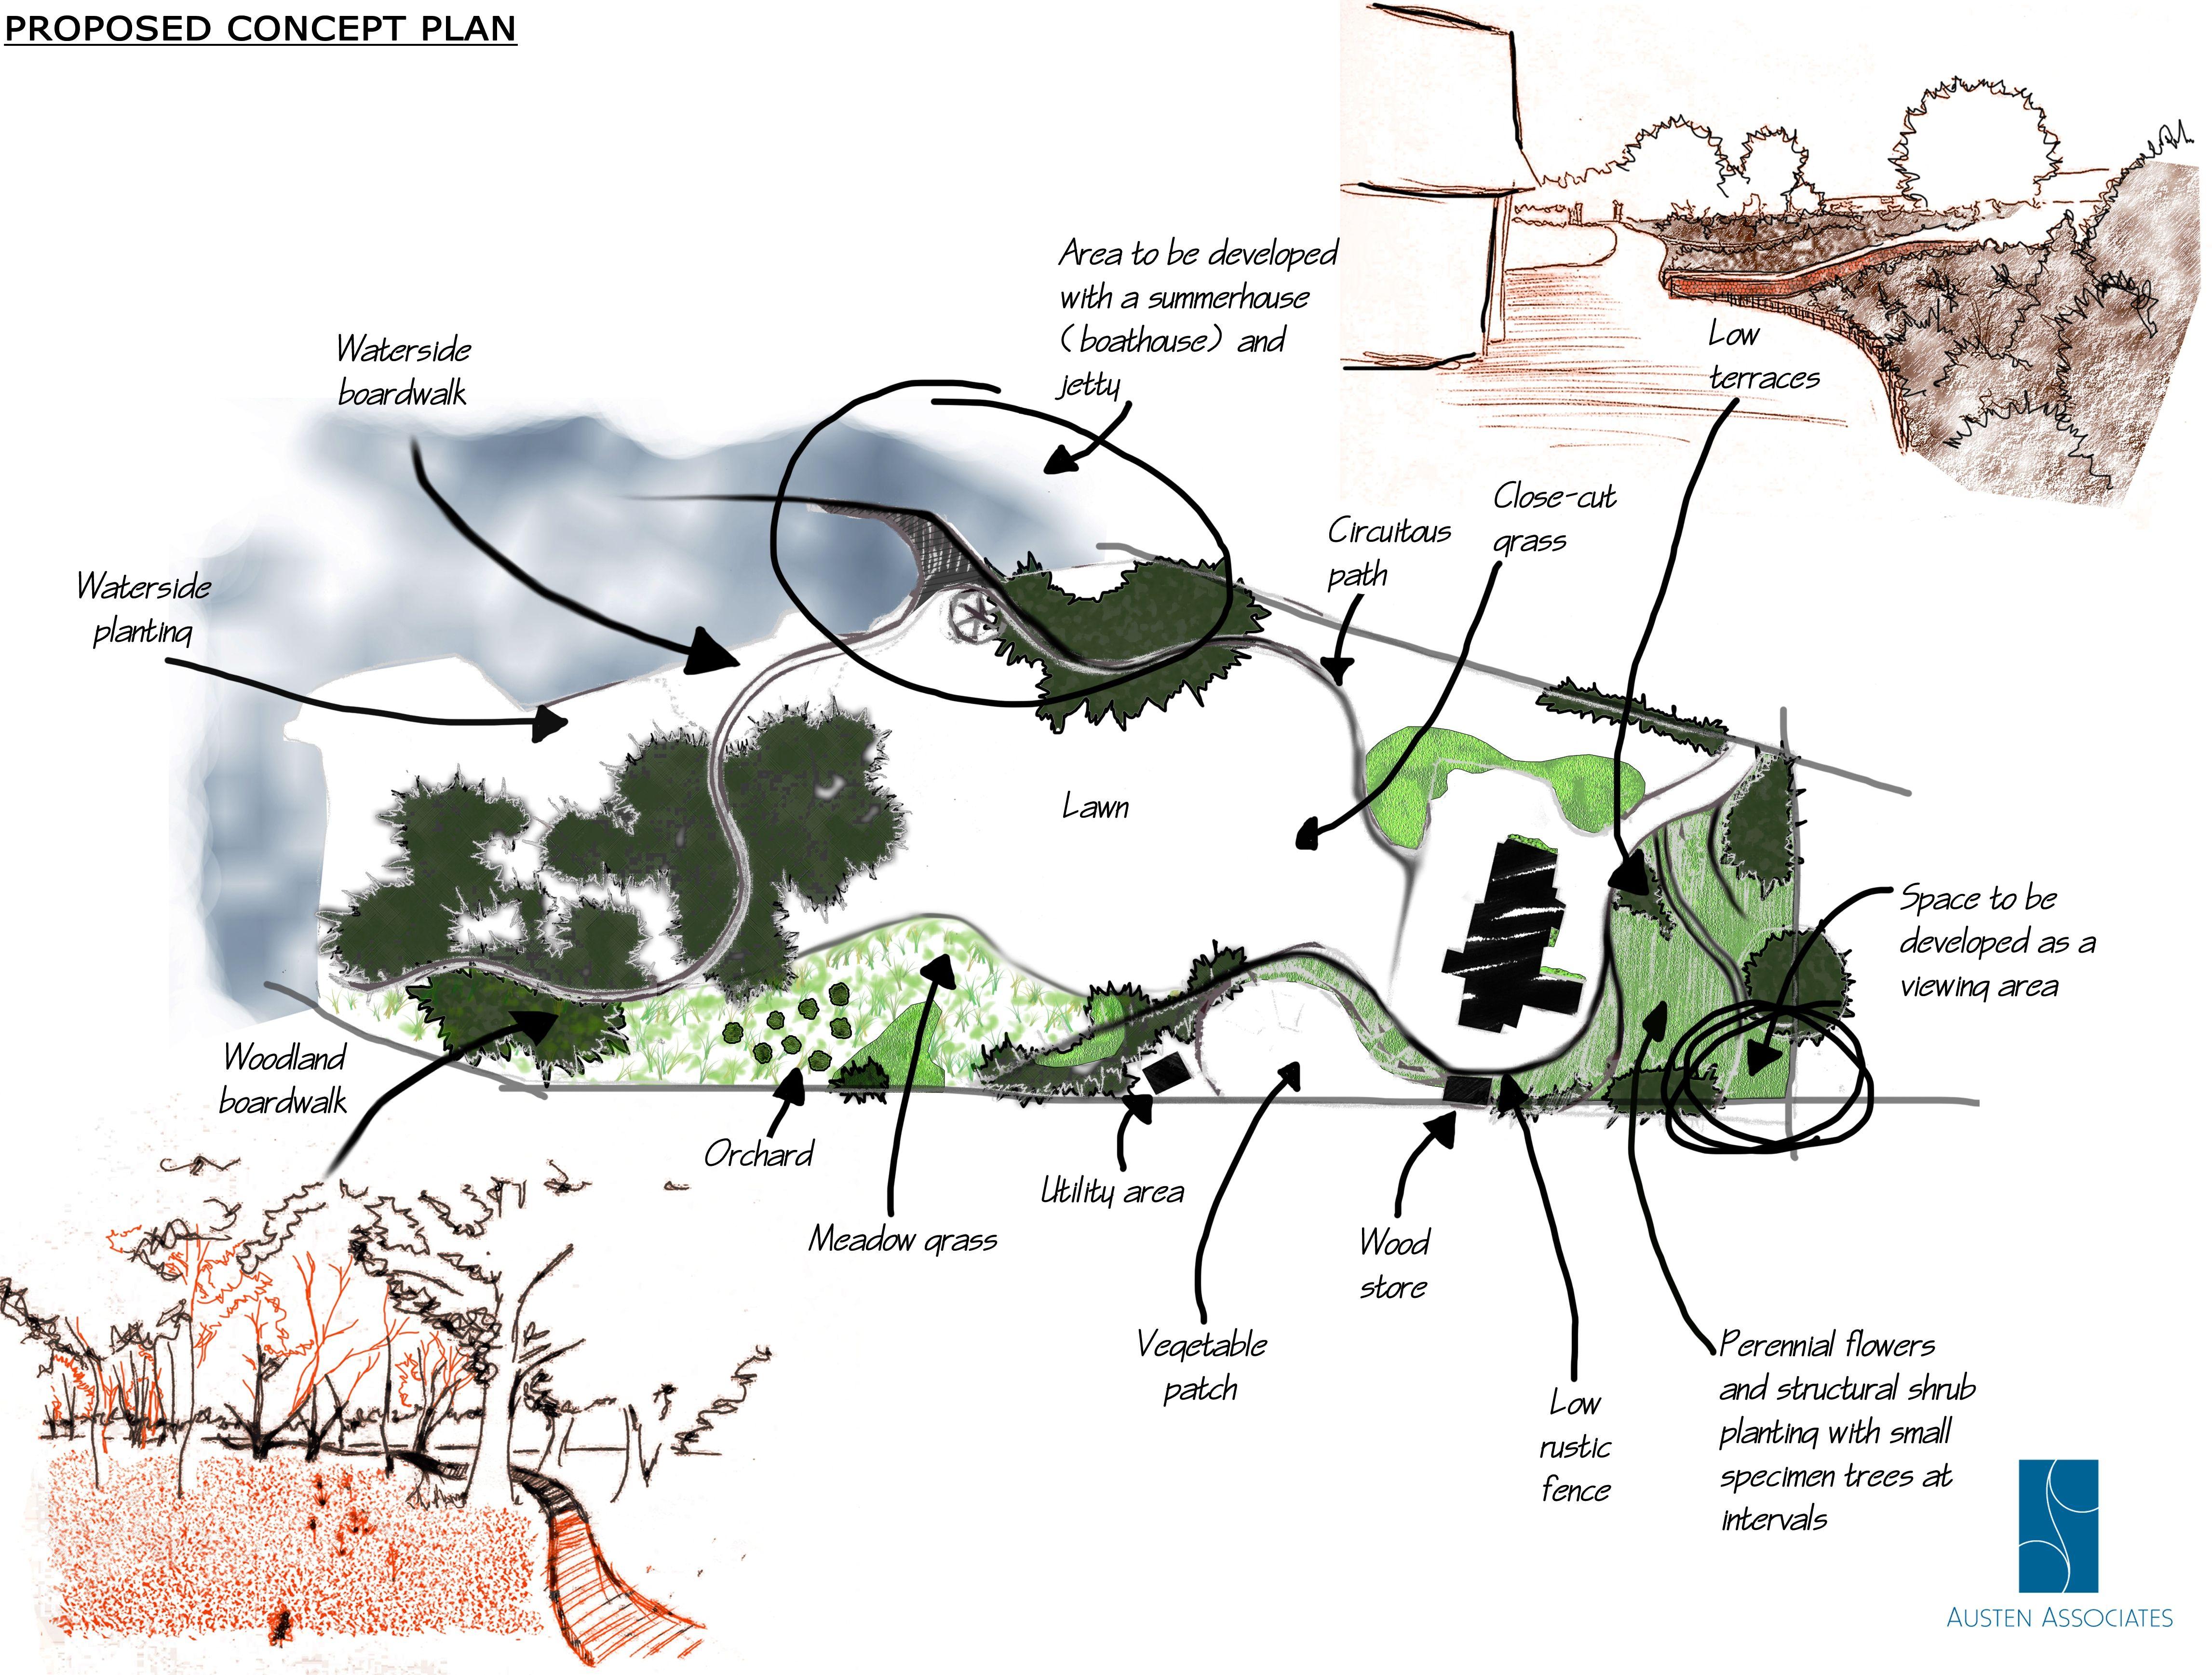 P 8 Concept Plan Jpg 4 588 3 474 Pixels Landscape Design